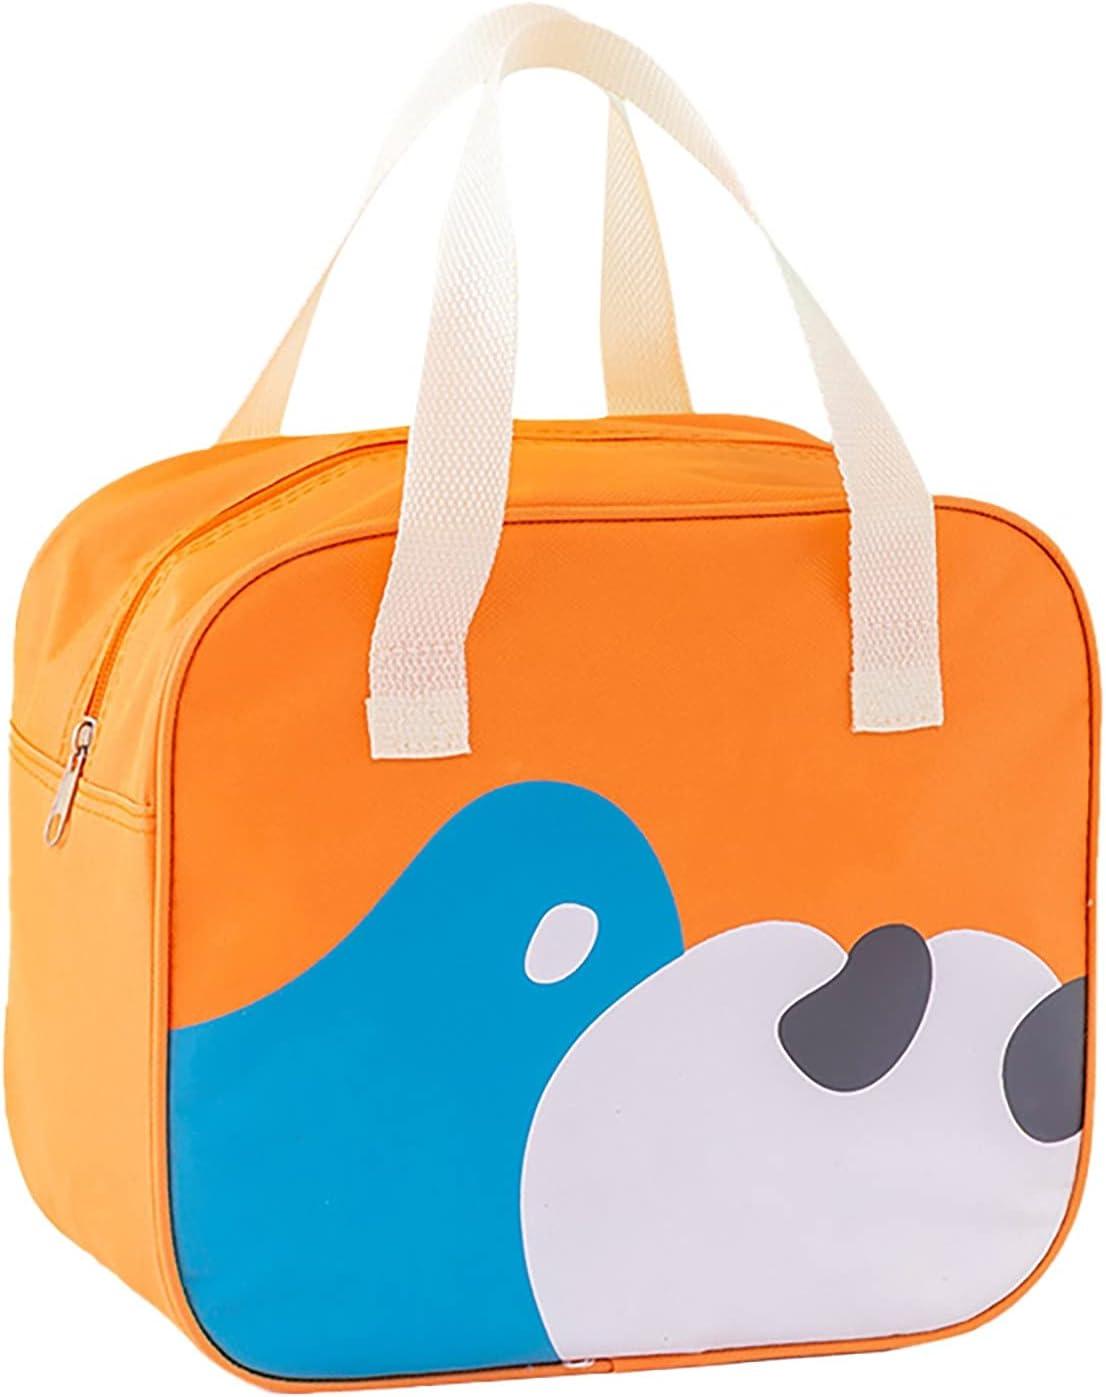 N/AB Bolsa de almuerzo portátil para niños – Fiambrera, equipaje de mano, almacenamiento de alimentos, bolsa organizadora con estampado animal para niños y adultos (naranja)